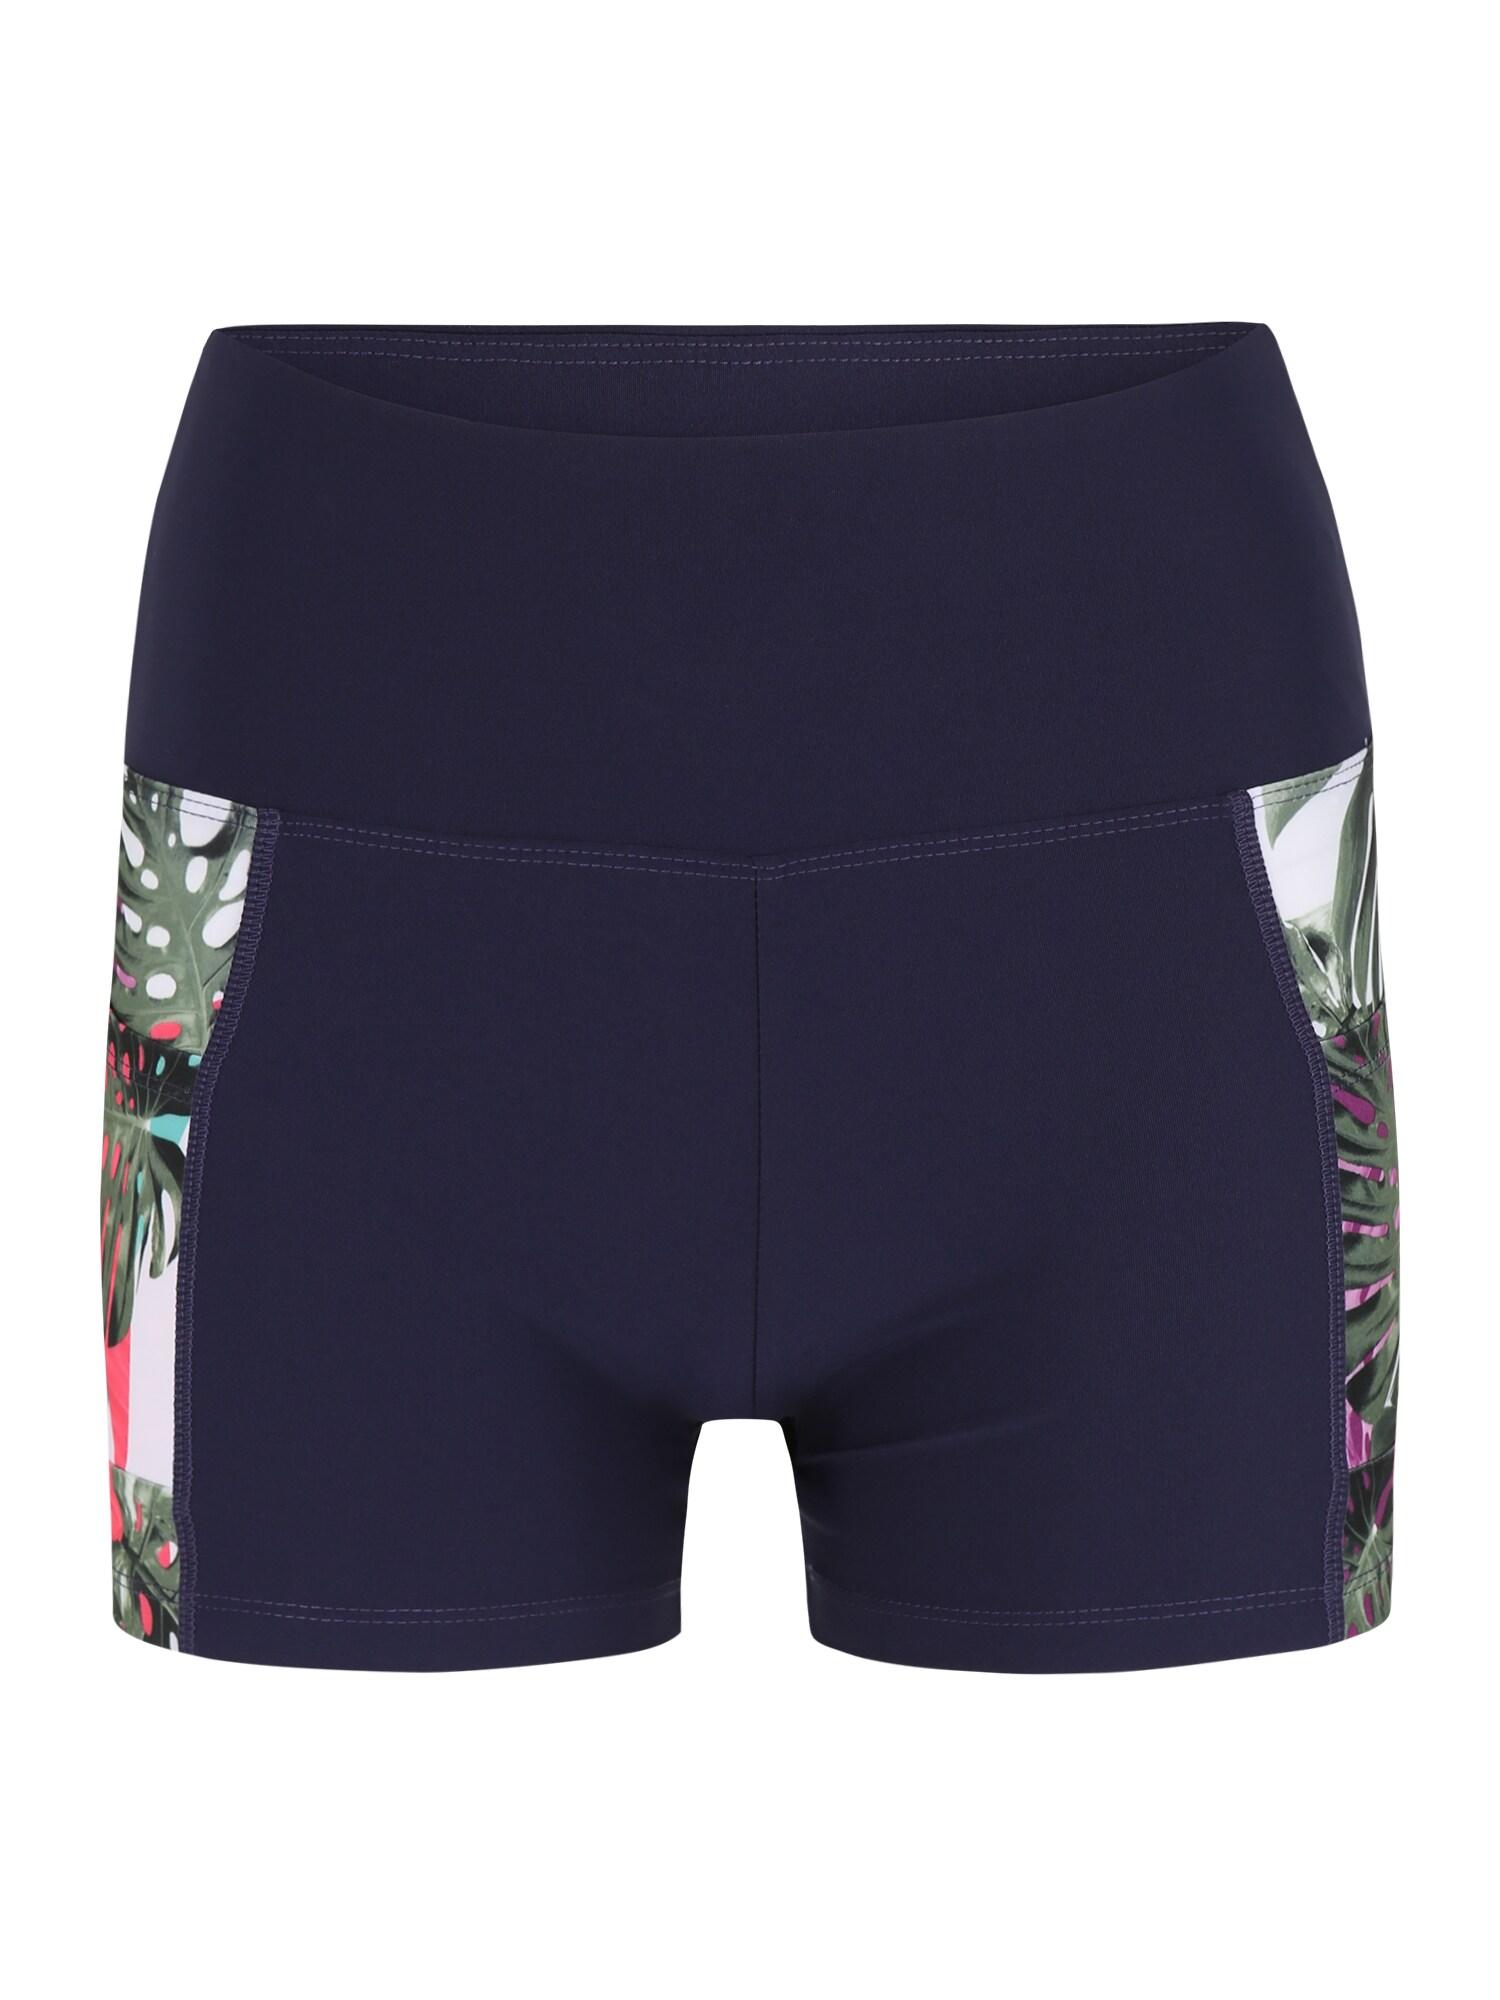 Sportovní kalhoty SKY černá Marika